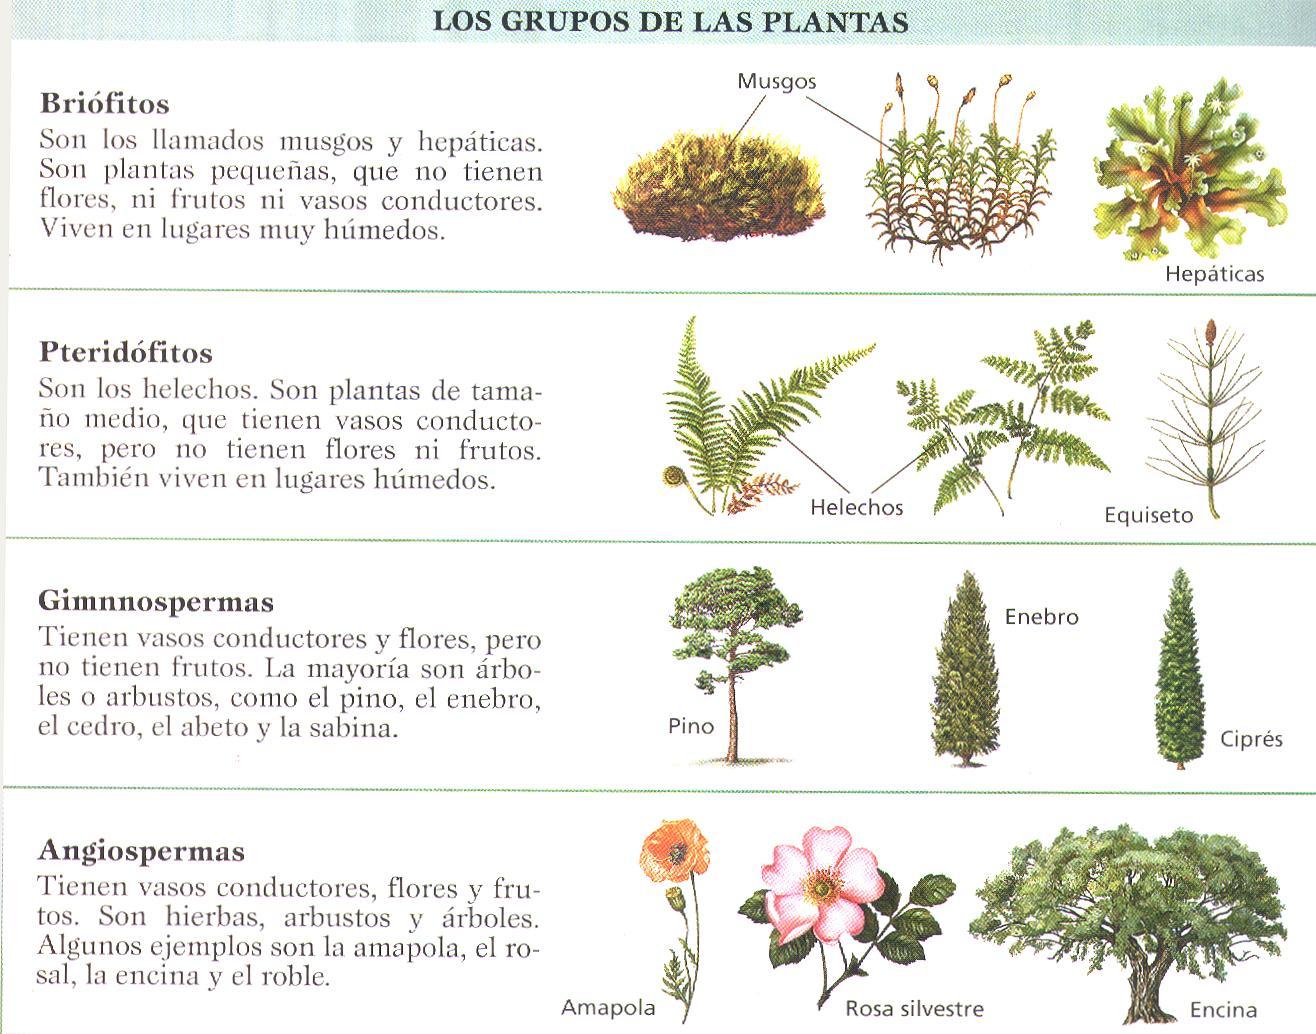 Lolita gomez julio 2012 for Las caracteristicas de los arboles